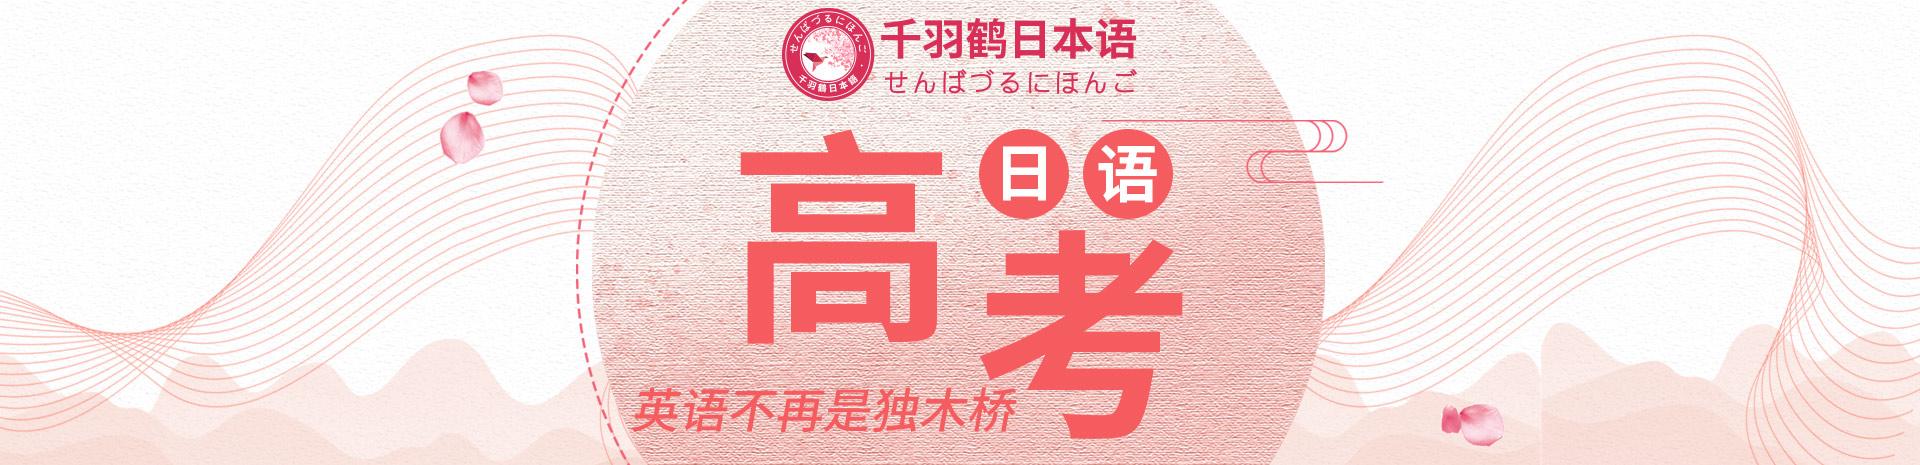 深圳千羽鹤日本语